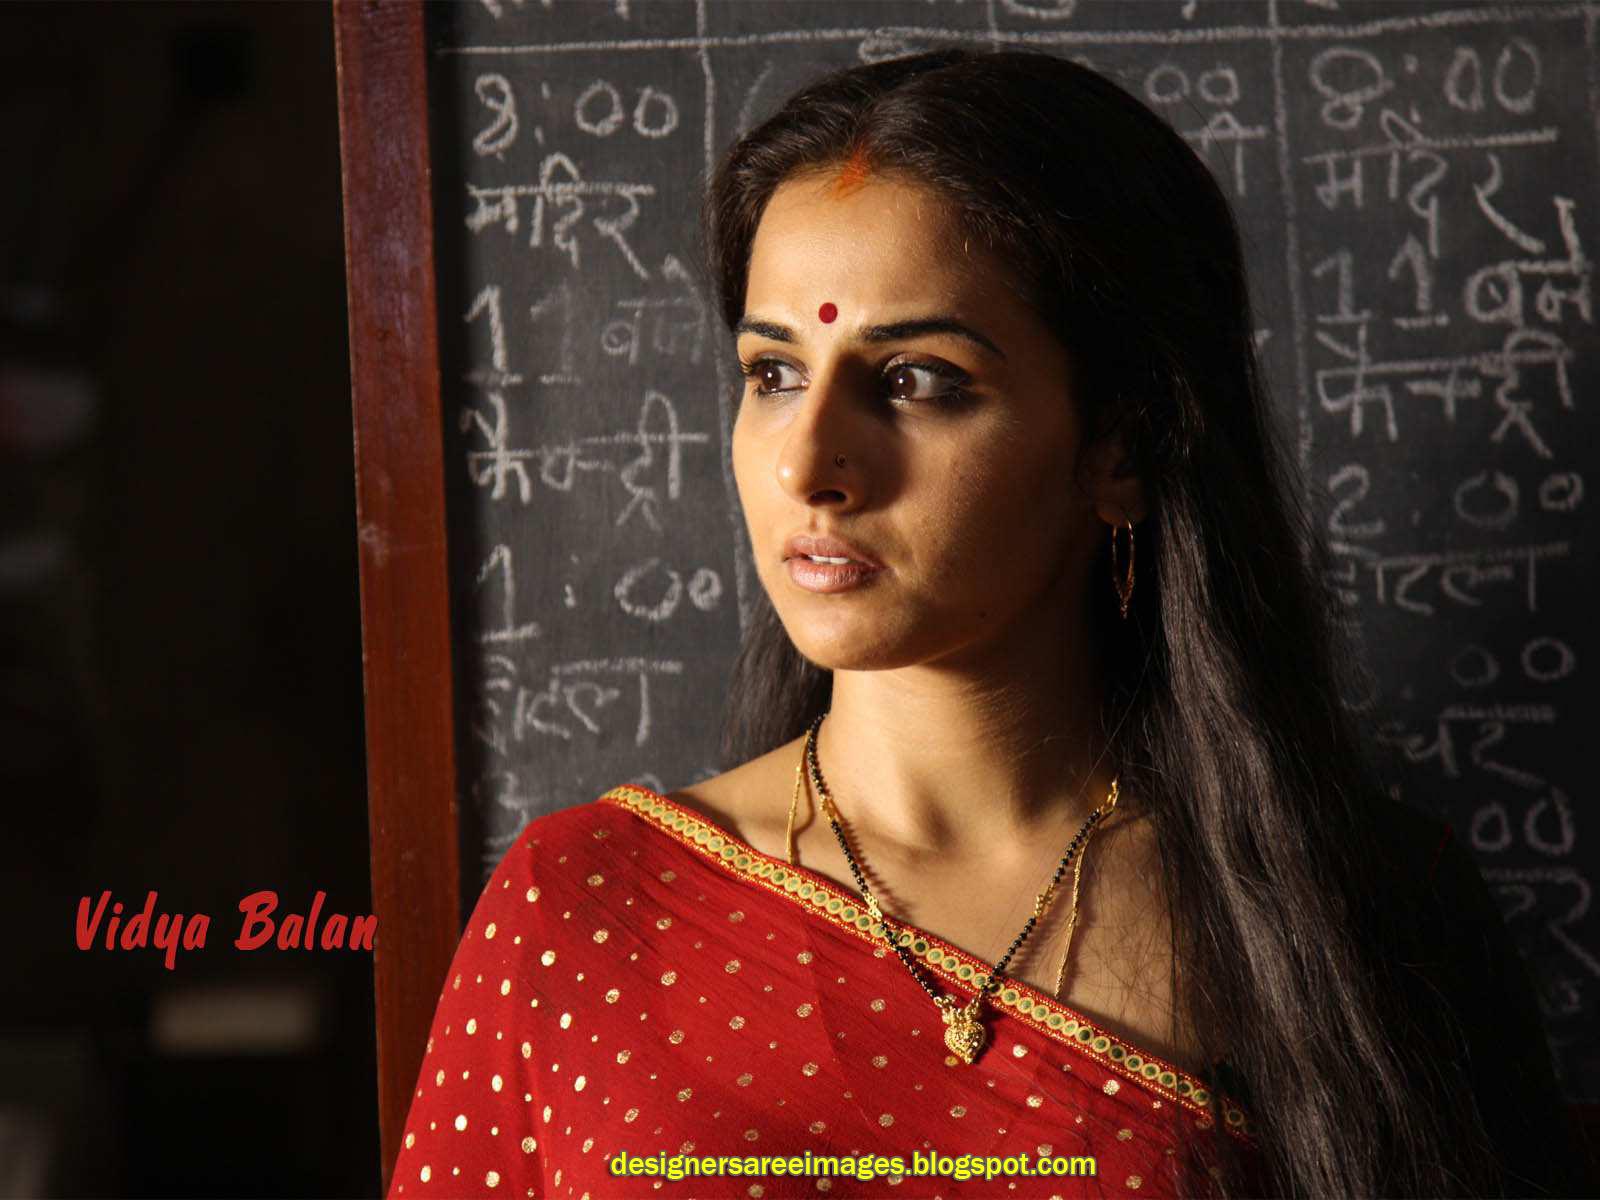 http://3.bp.blogspot.com/-5Ouh73UlfCE/Td_pbhD27eI/AAAAAAAAAMw/K3zFlqfGsmI/s1600/vidya-balan-bollywood-actress-in-sarees-photo_designersareeimages.blogspot.com_002.jpg